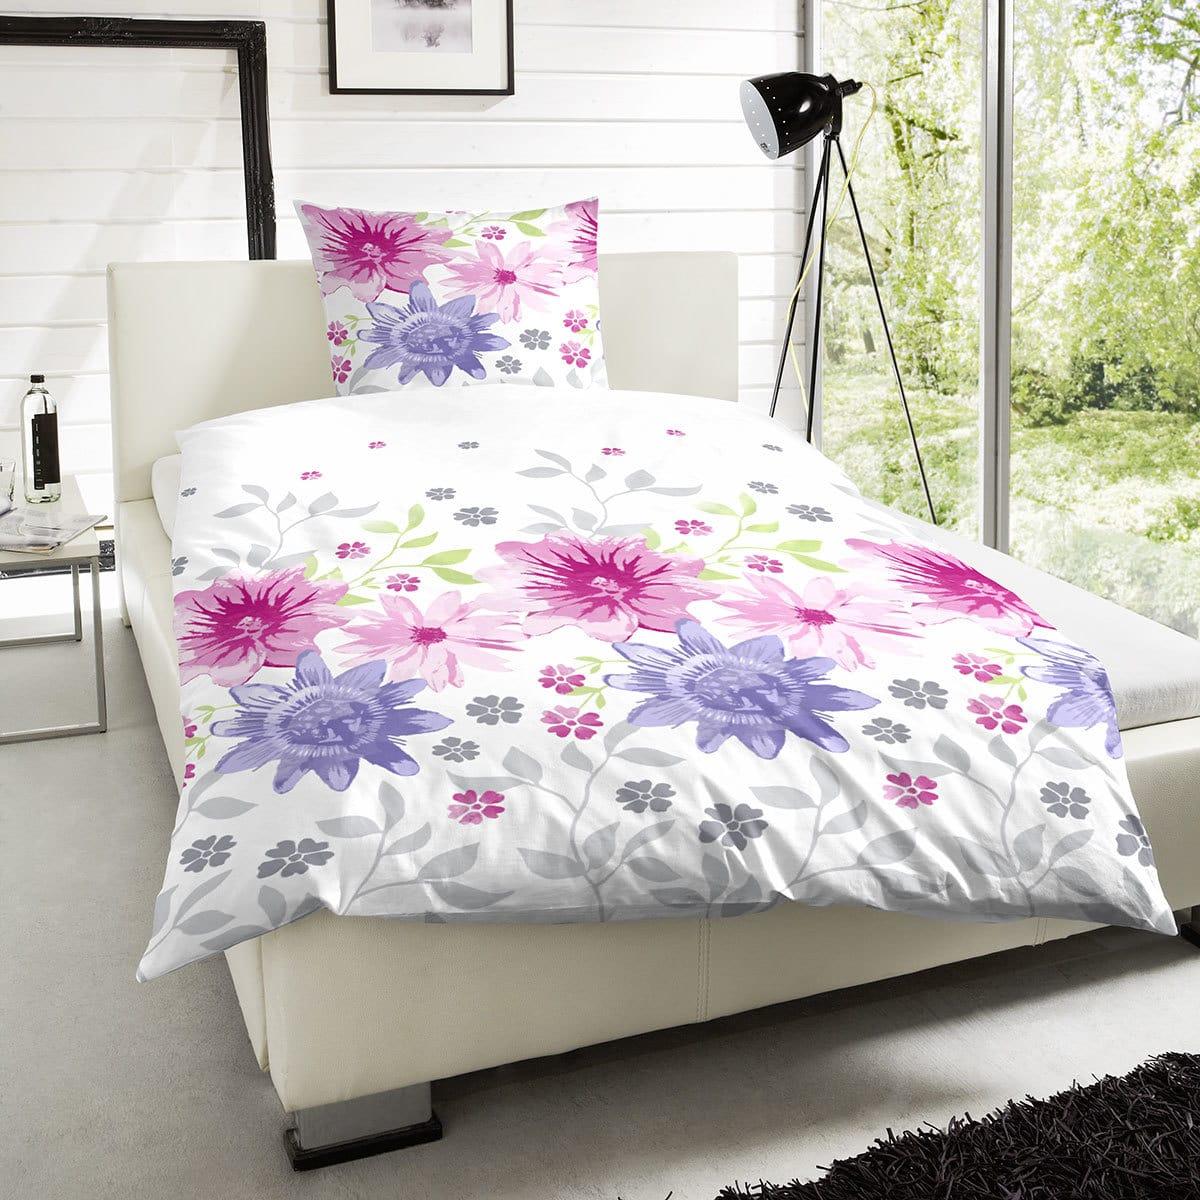 Hahn Perkal Bettwäsche Blumenwiese Pink Günstig Online Kaufen Bei